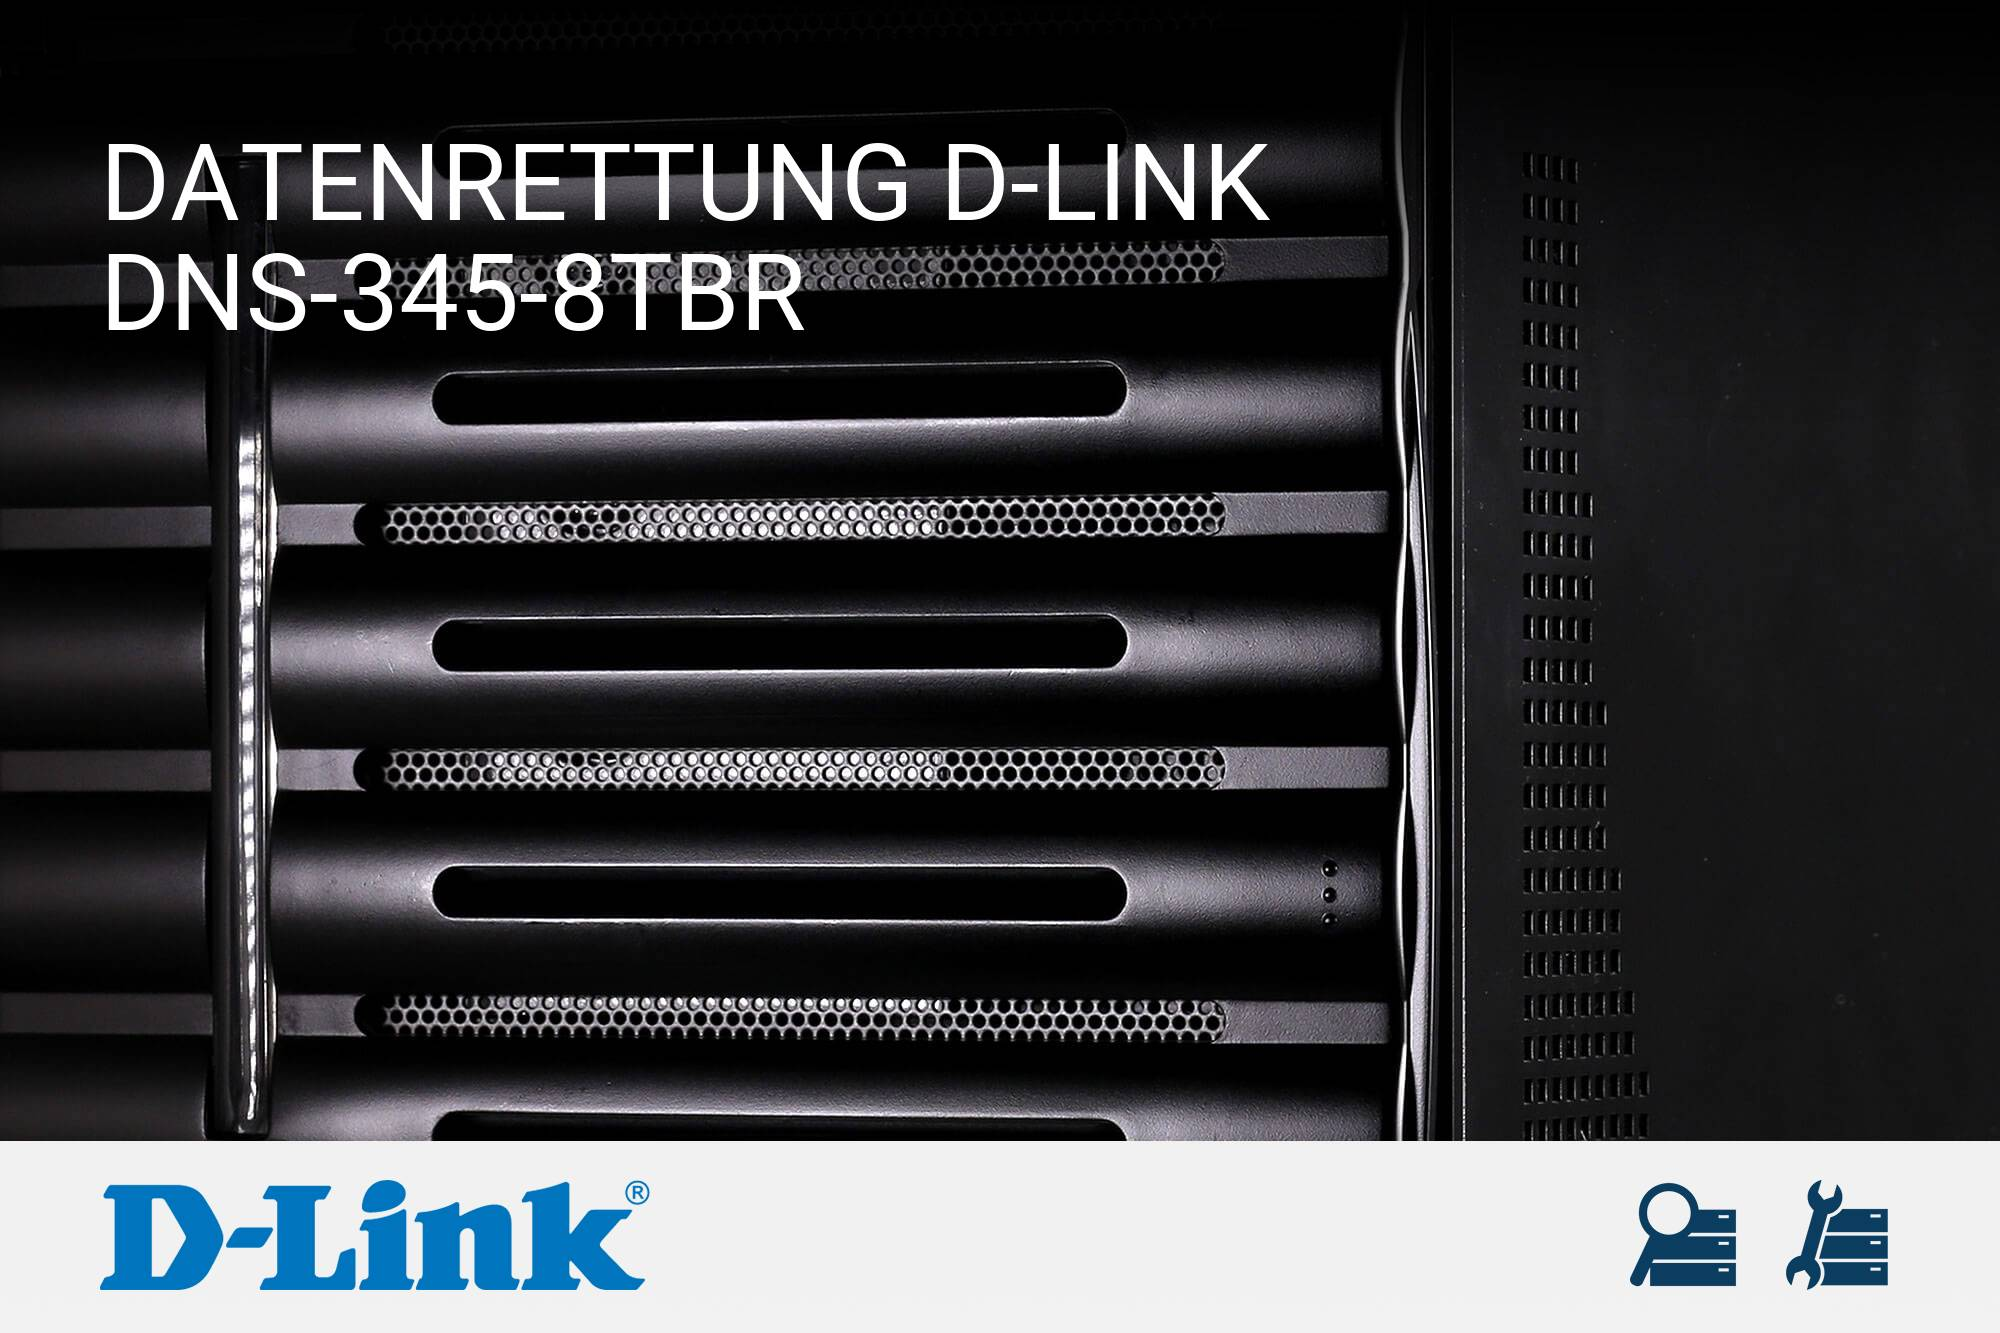 D-Link DNS-345-8TBR